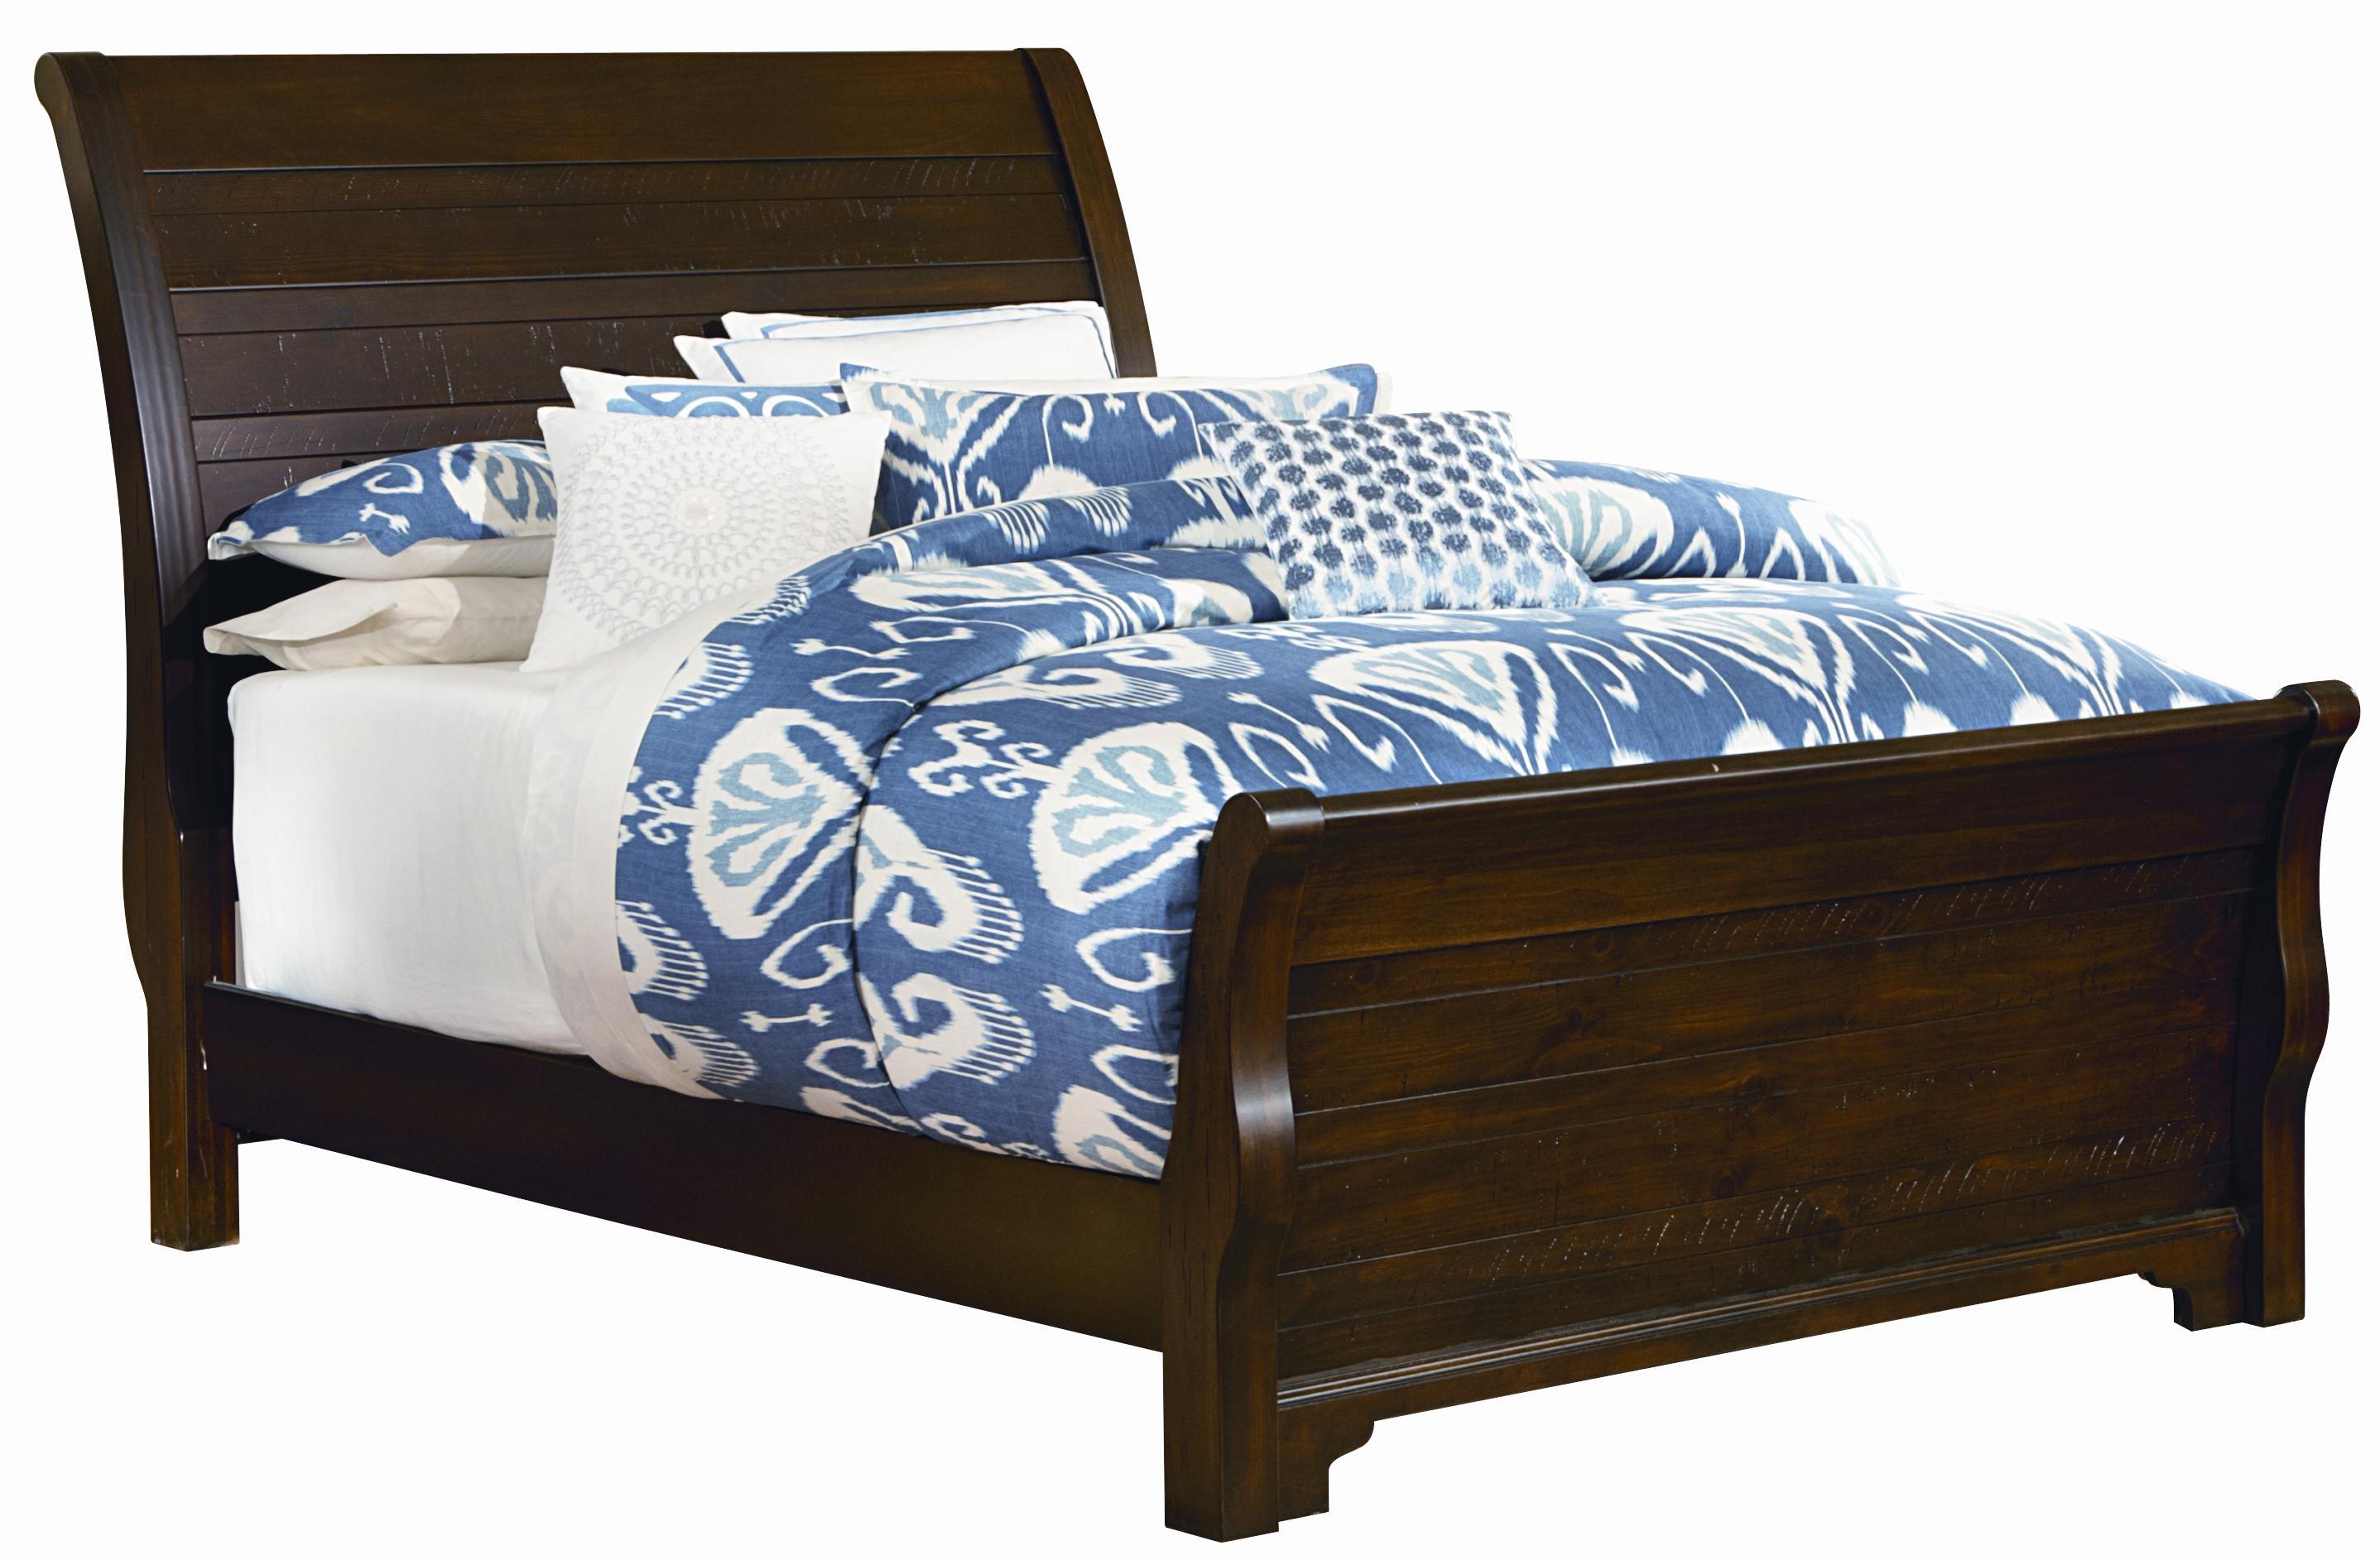 Vaughan Bassett Hanover King Sleigh Bed - Item Number: 810-663+366+722+MS1